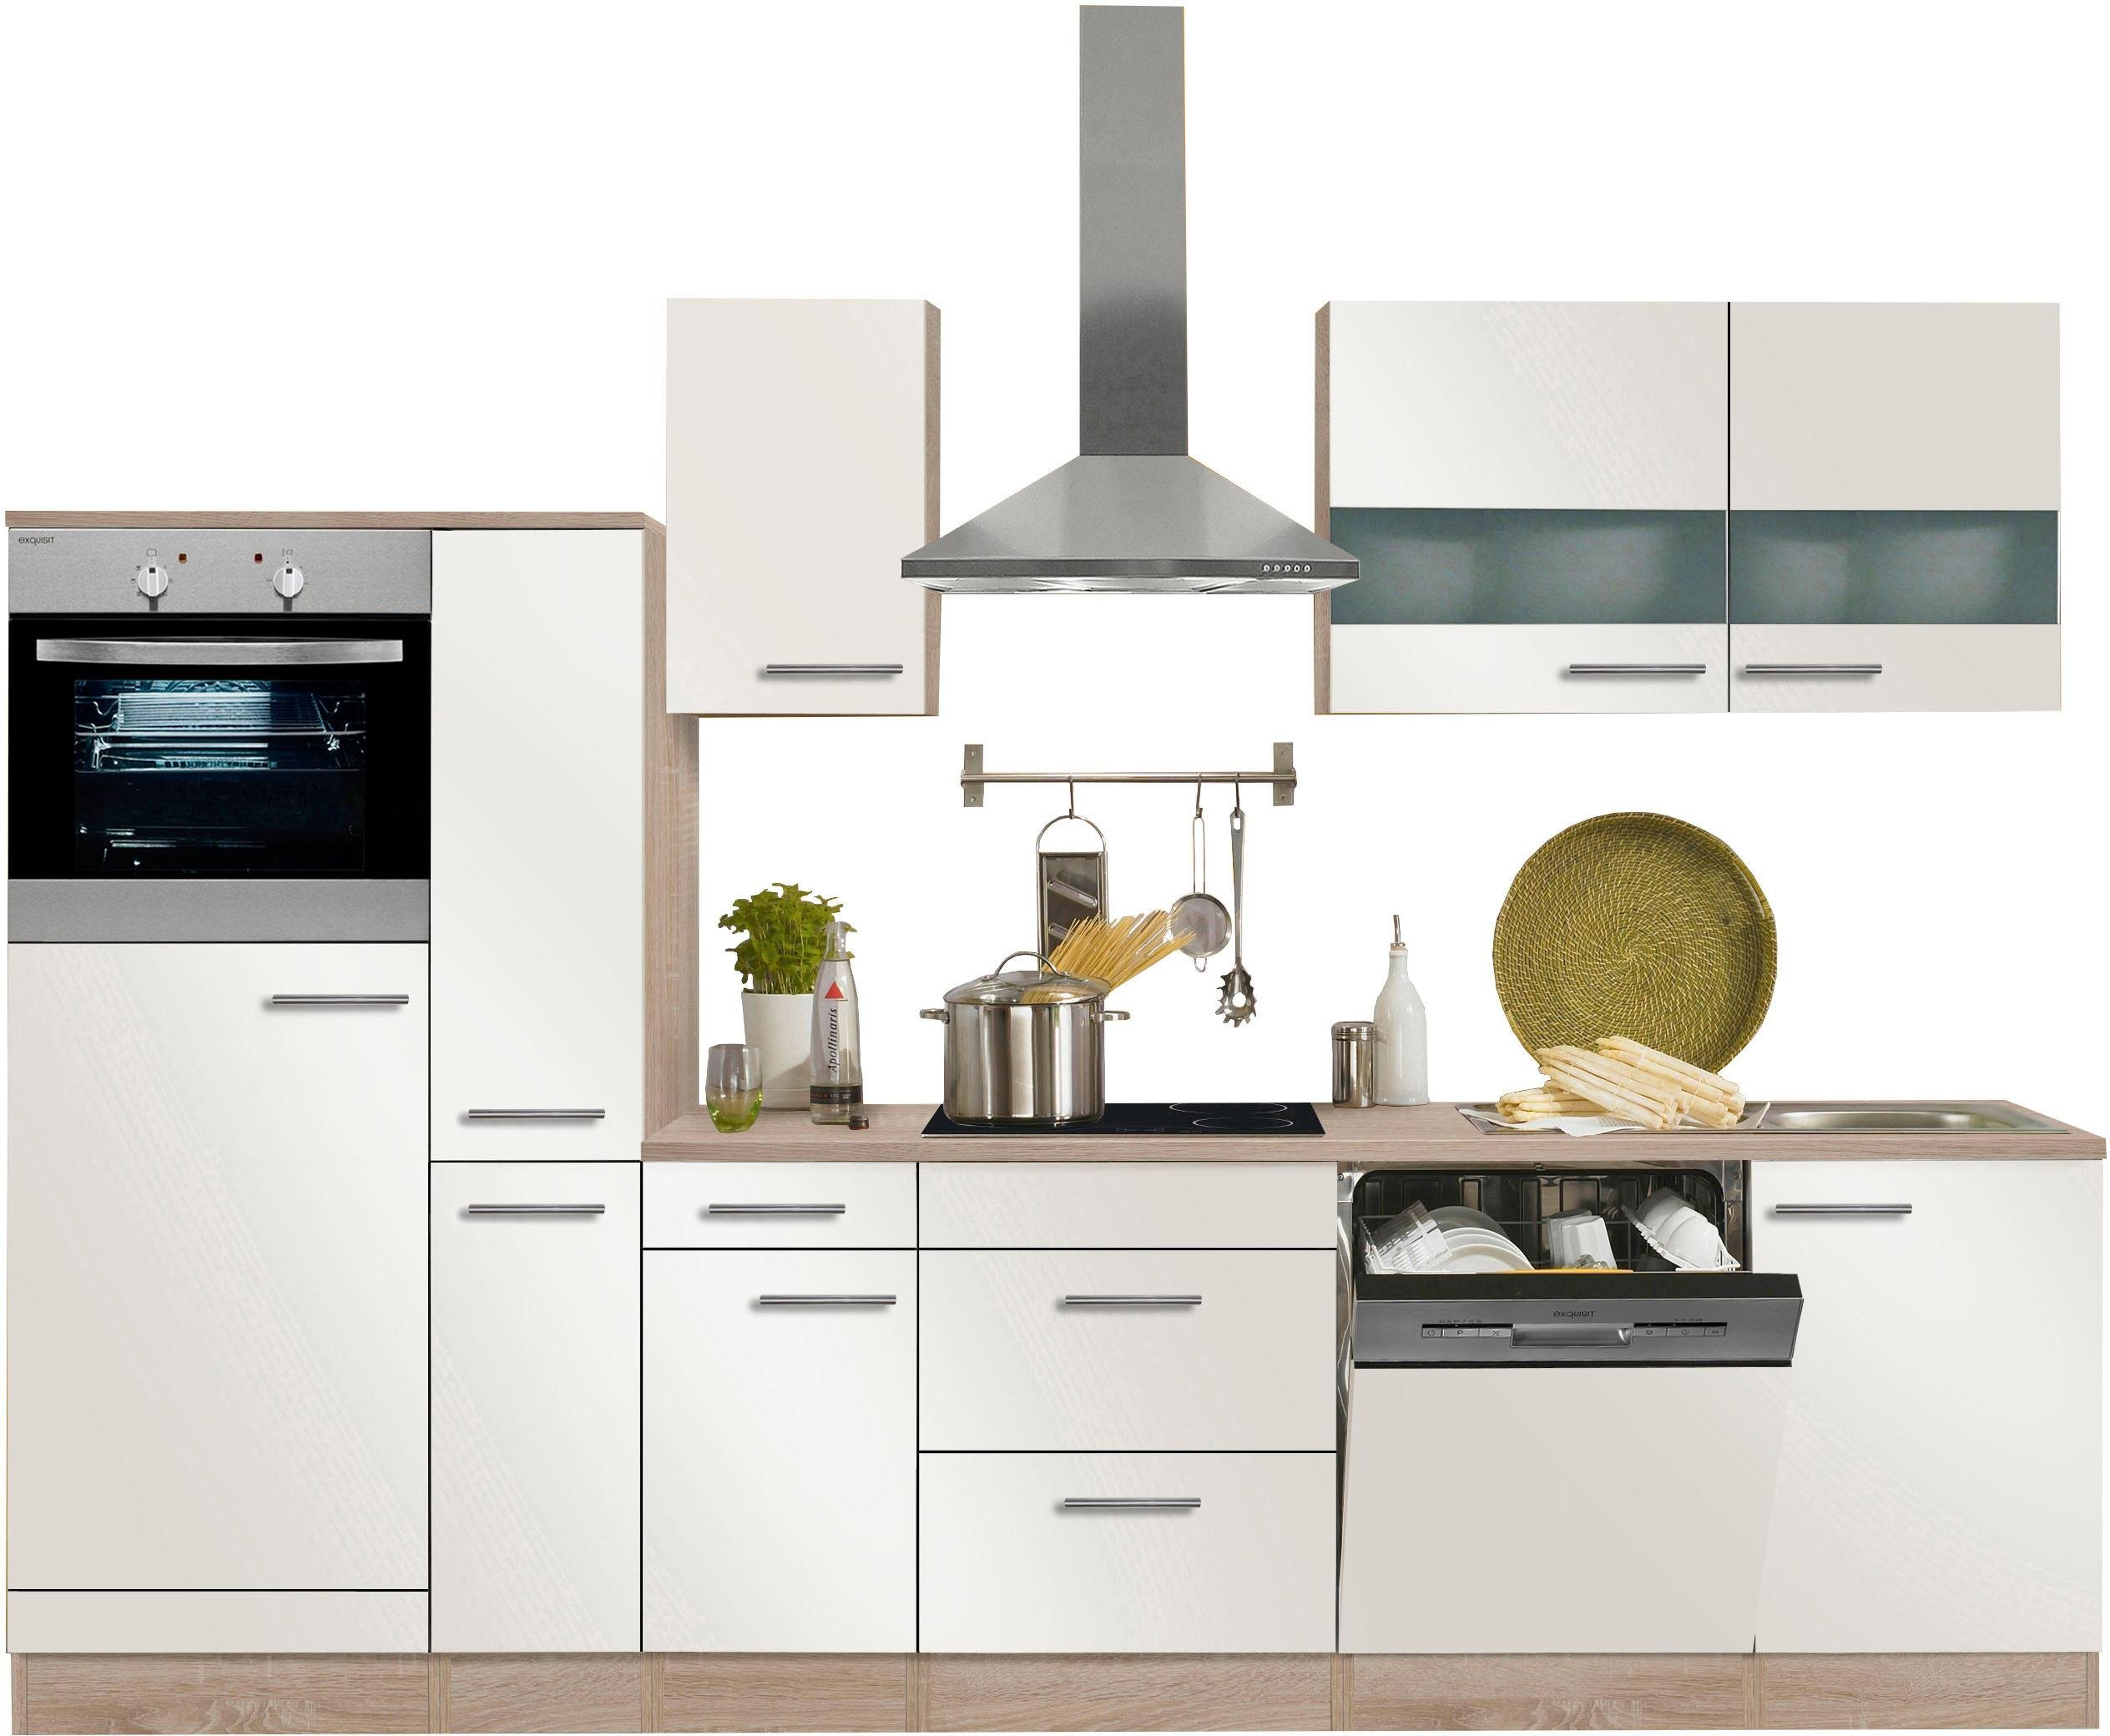 Ziemlich Fantastical Einbauküchen Kaufen Ideen - Die Designideen für ...